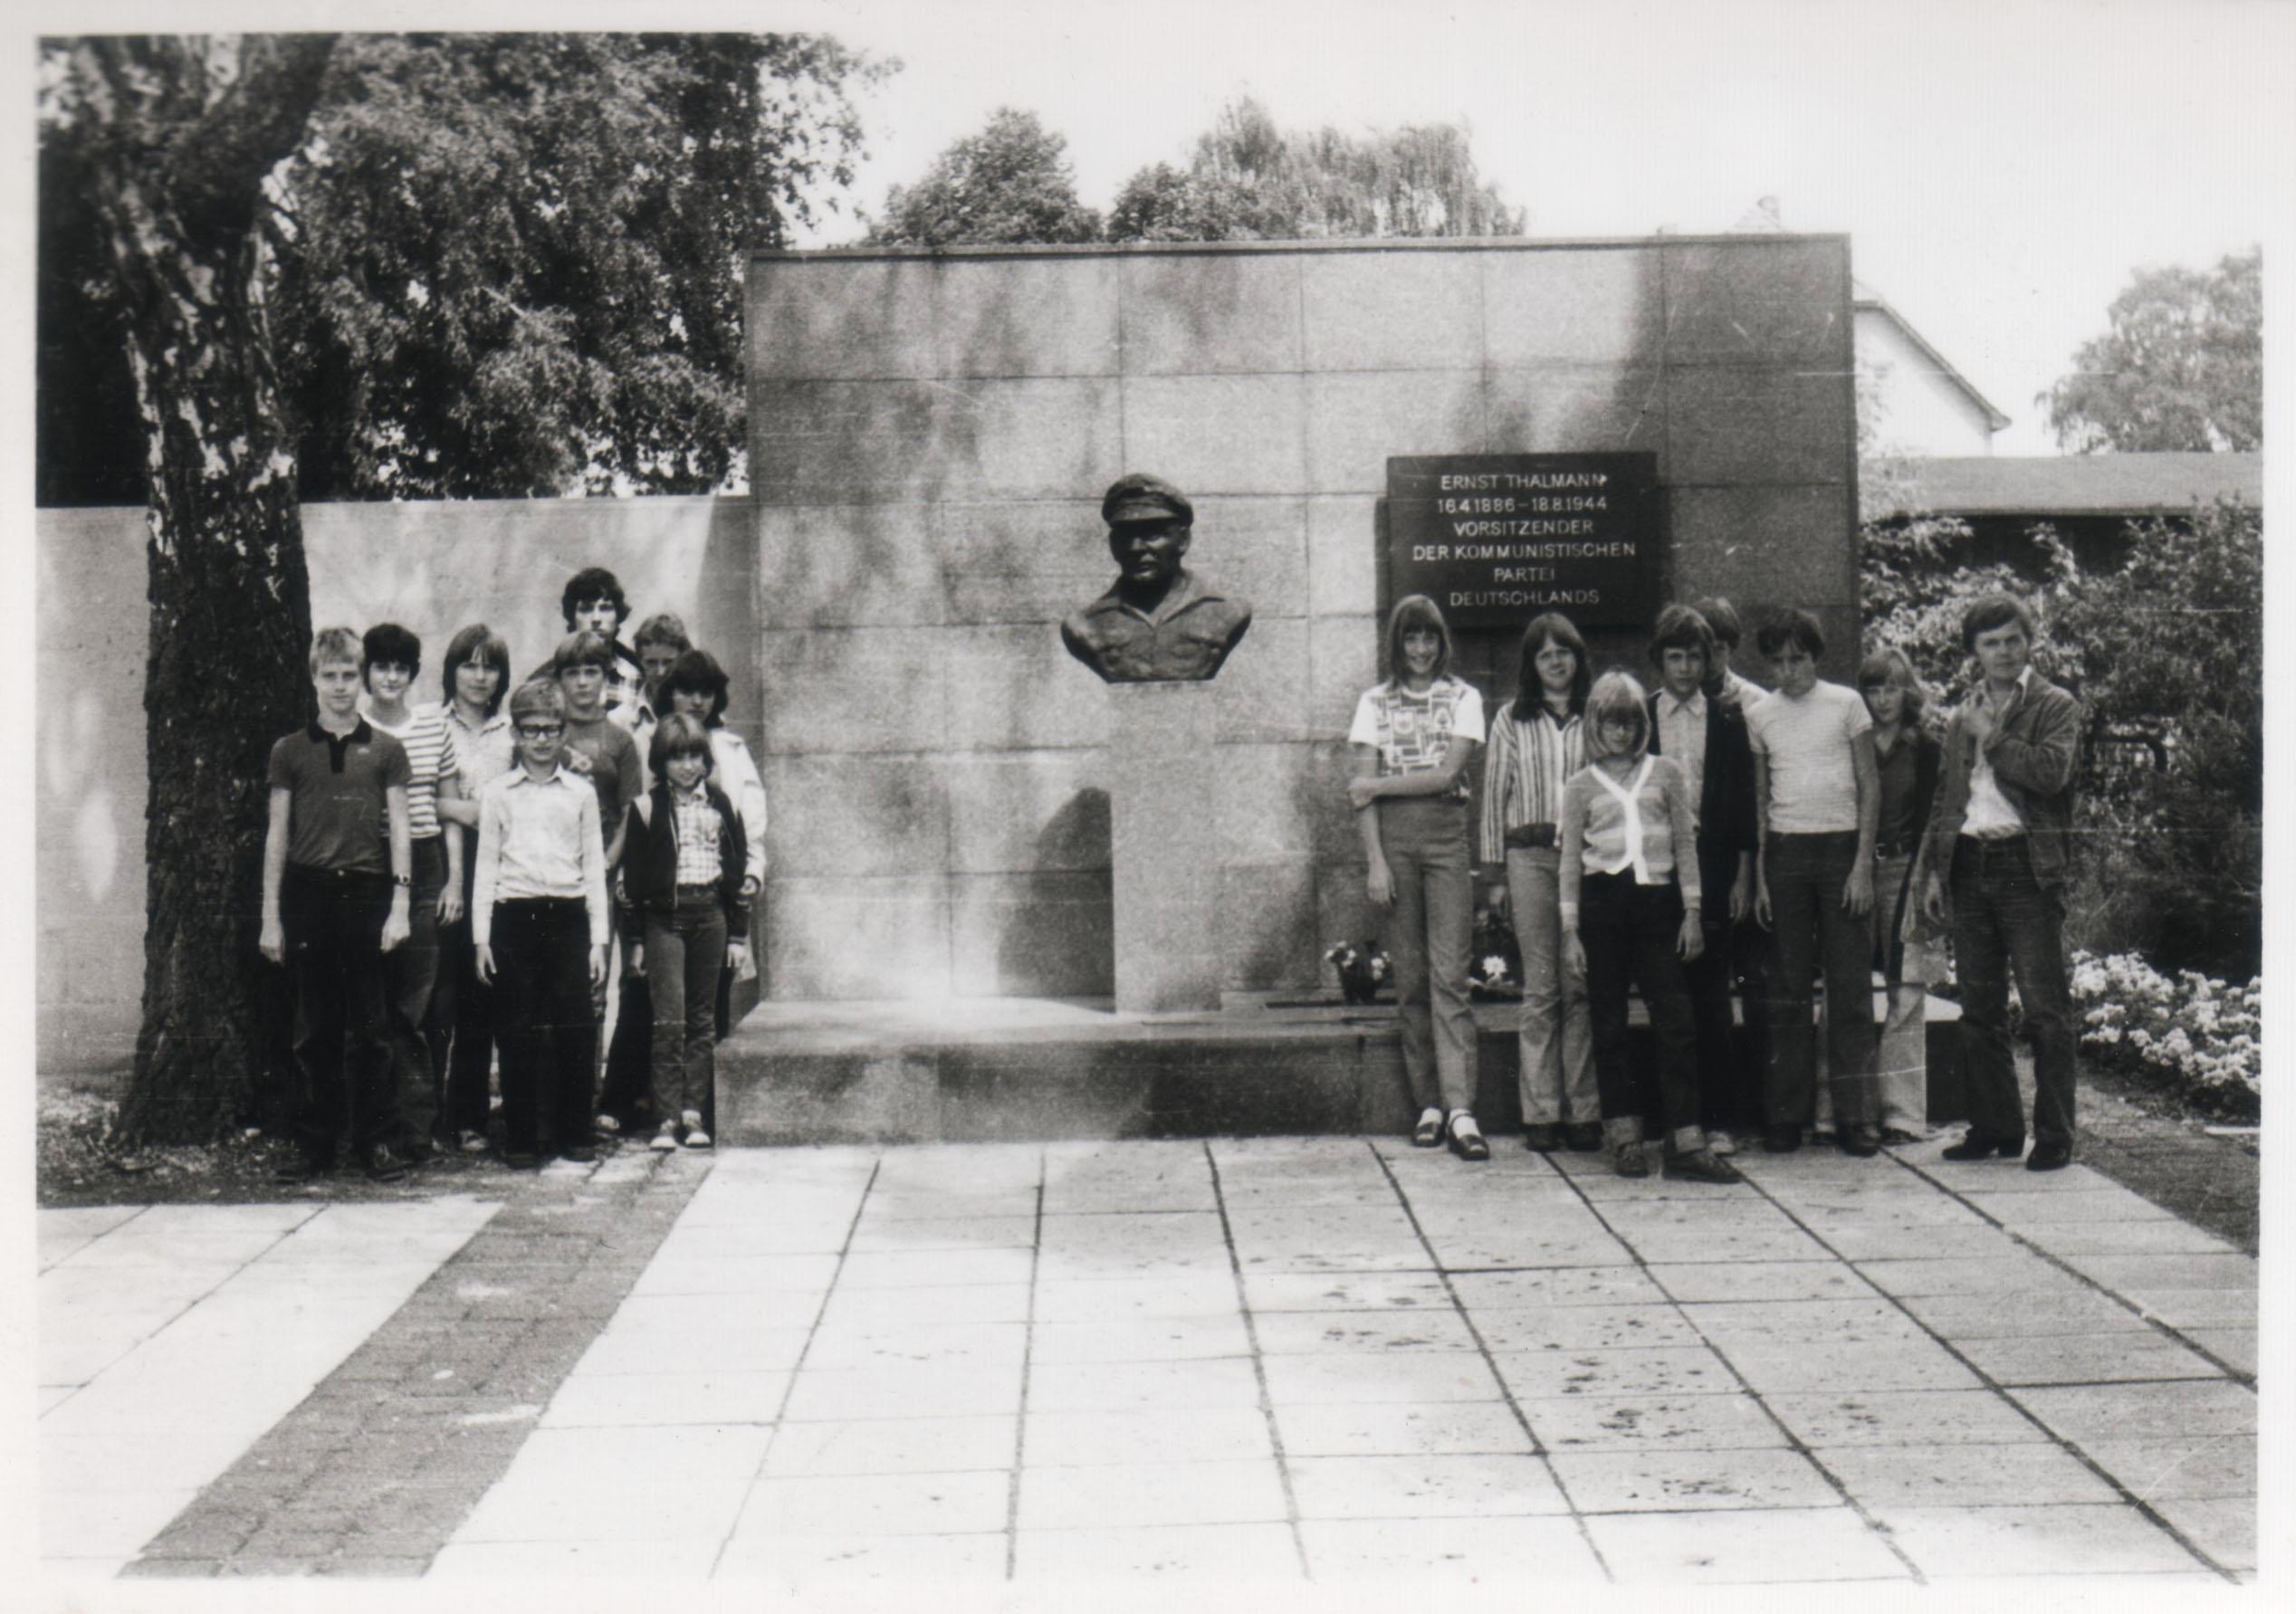 Freundschaftsmarsch_GedenkstätteZiegenhals_1981